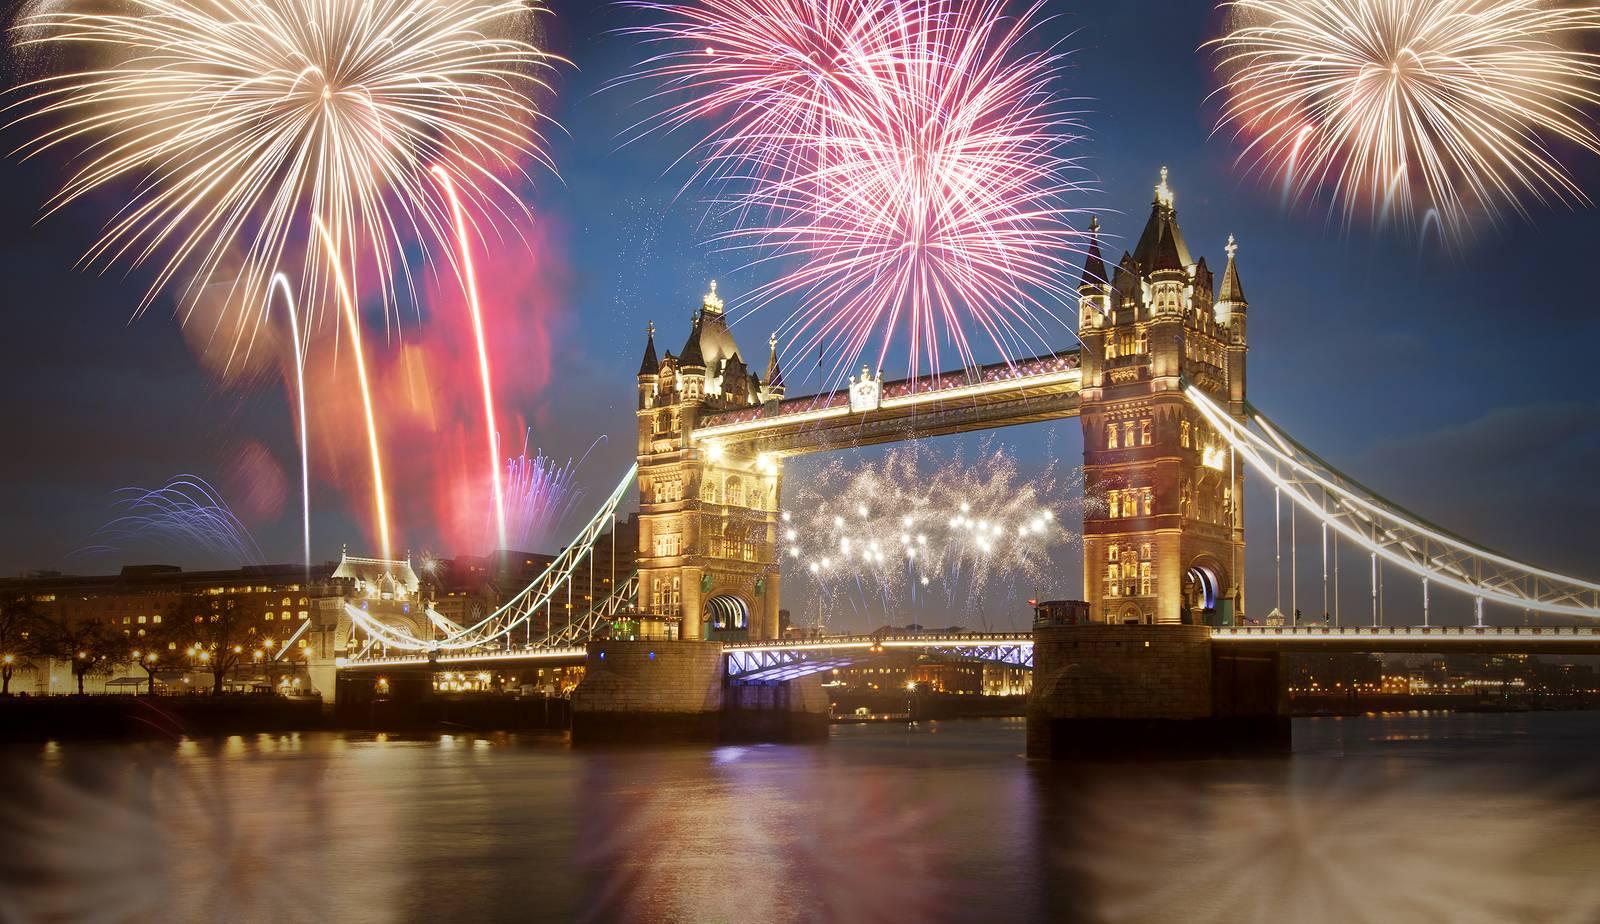 Bild der New Year's Feuerwerke